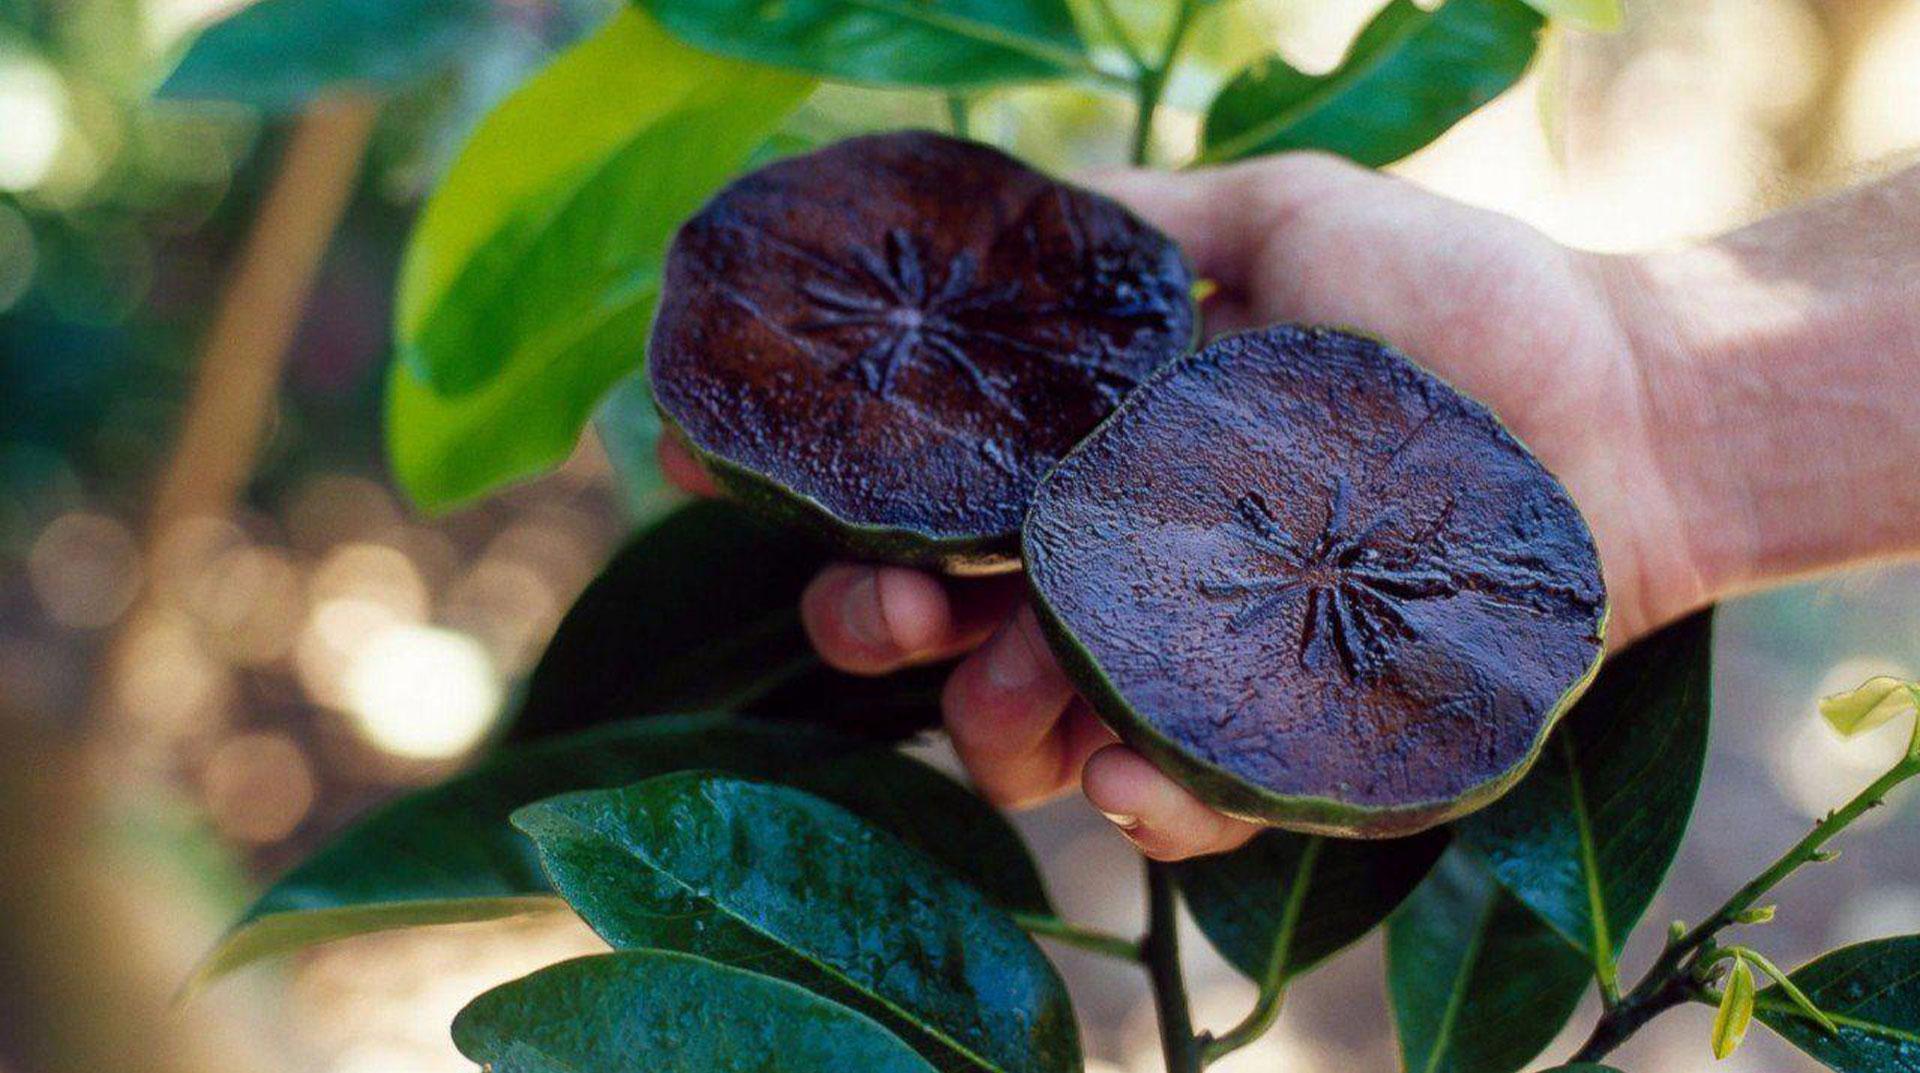 Ağaçta Çikolata Yetiştirmek! Dalından Toplayıp Ekmekle Yediler